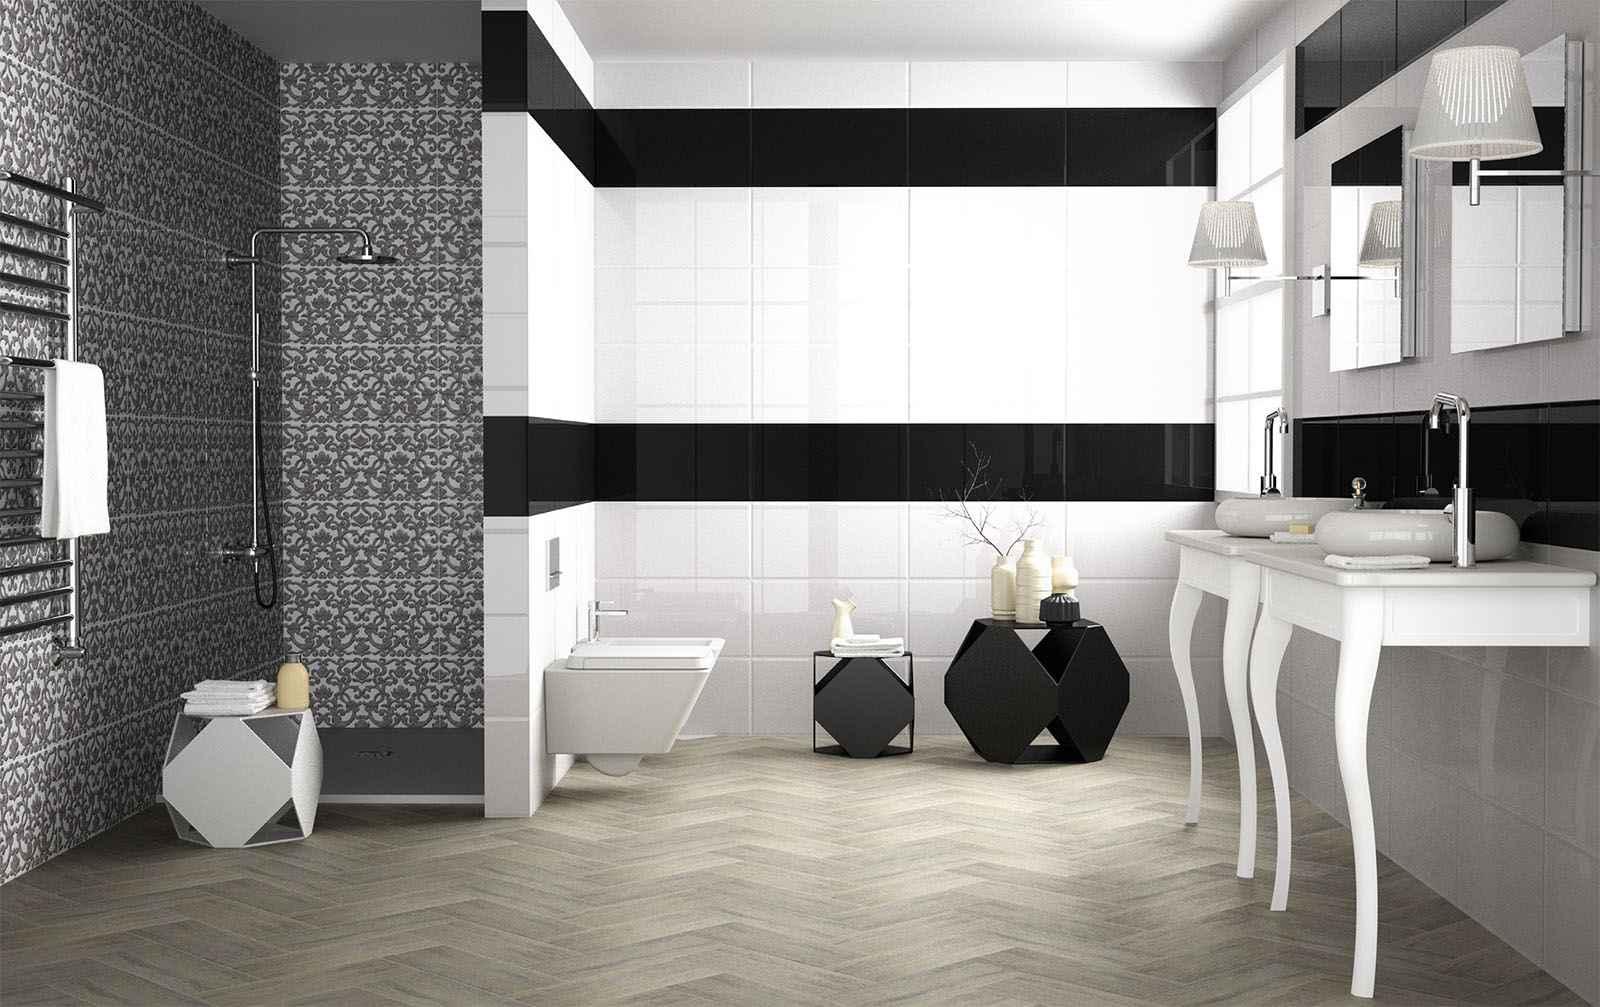 Borja ceramic tiles design edmonton white 30x60 dailygadgetfo Choice Image